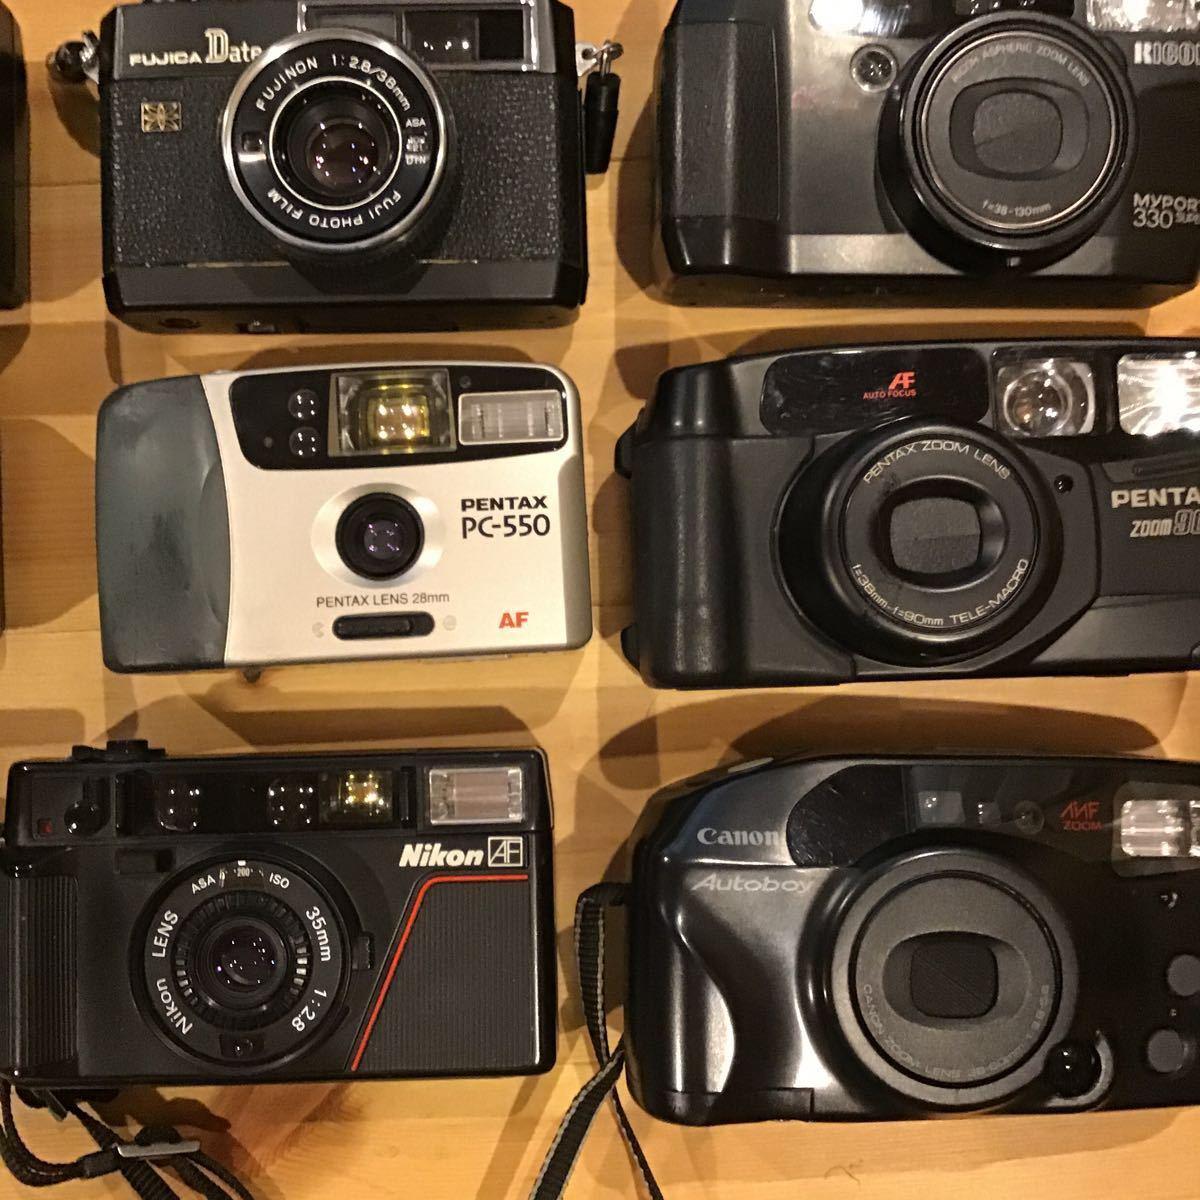 コンパクトフィルムカメラ まとめ まとめて 大量 20台セット MINOLTA CANON PENTAX NIKON OLYMPUS KONICA MAMIYA 等_画像5